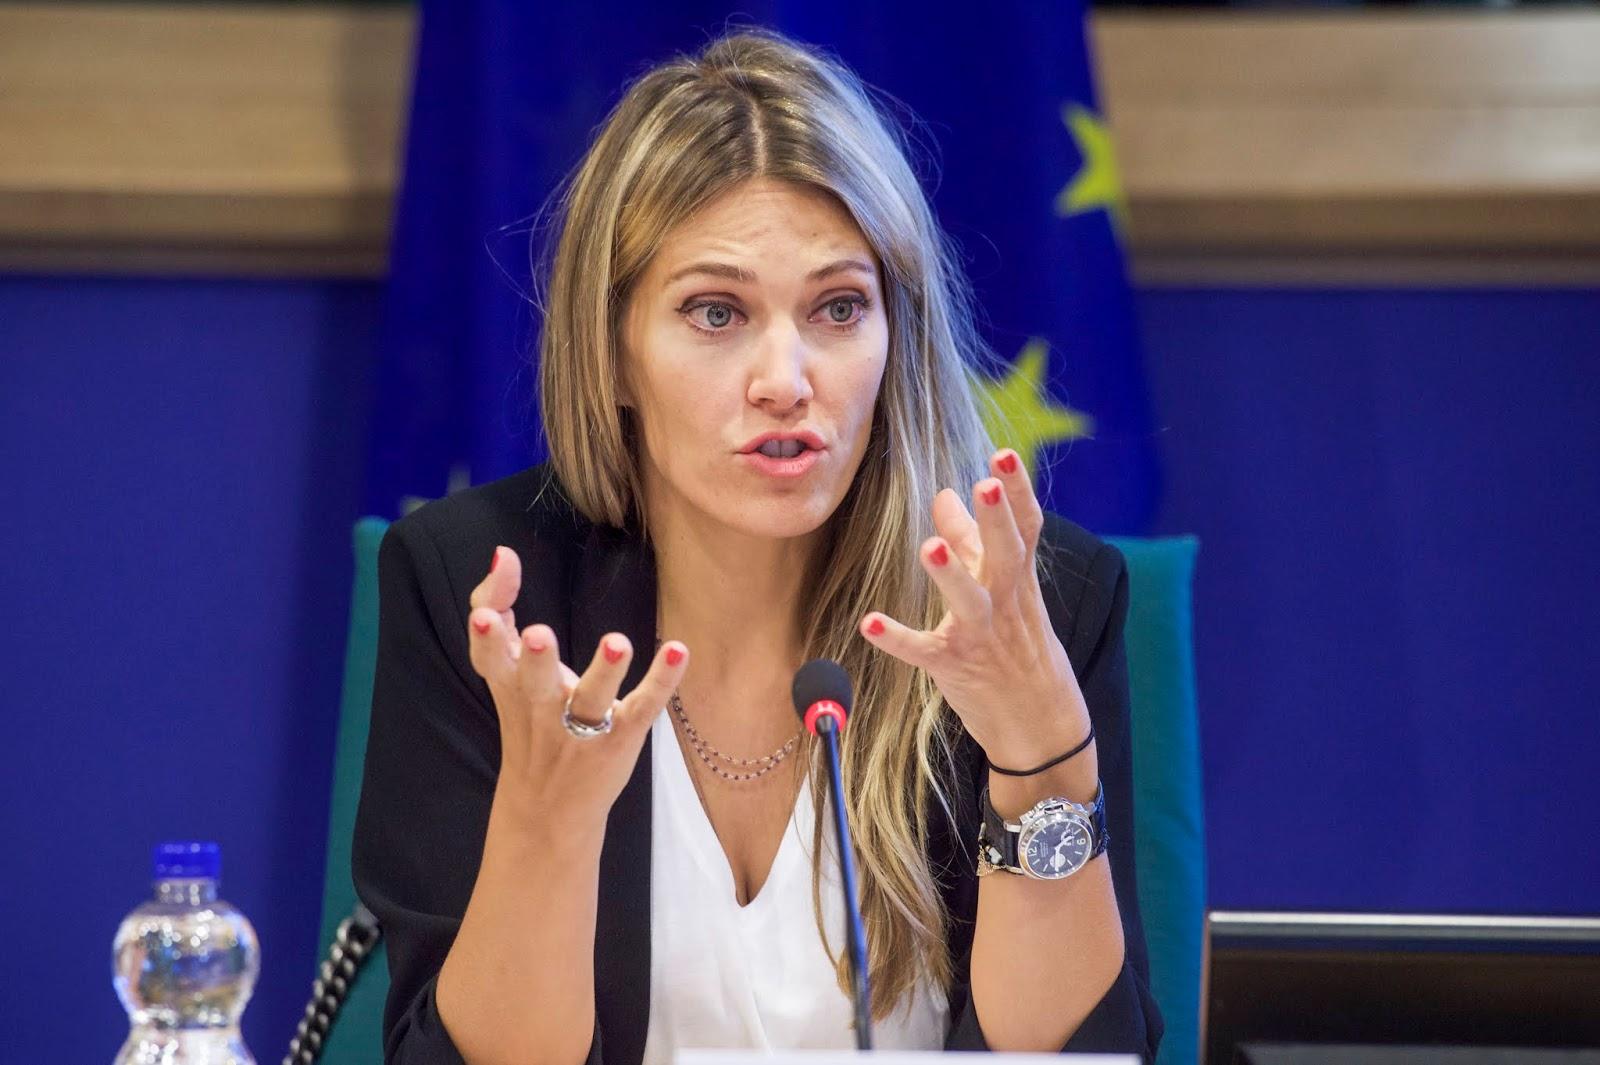 """Εύα Καϊλή: """"Πρώτο βήμα είναι η στρατηγική συντριβή του ΣΥΡΙΖΑ ..."""